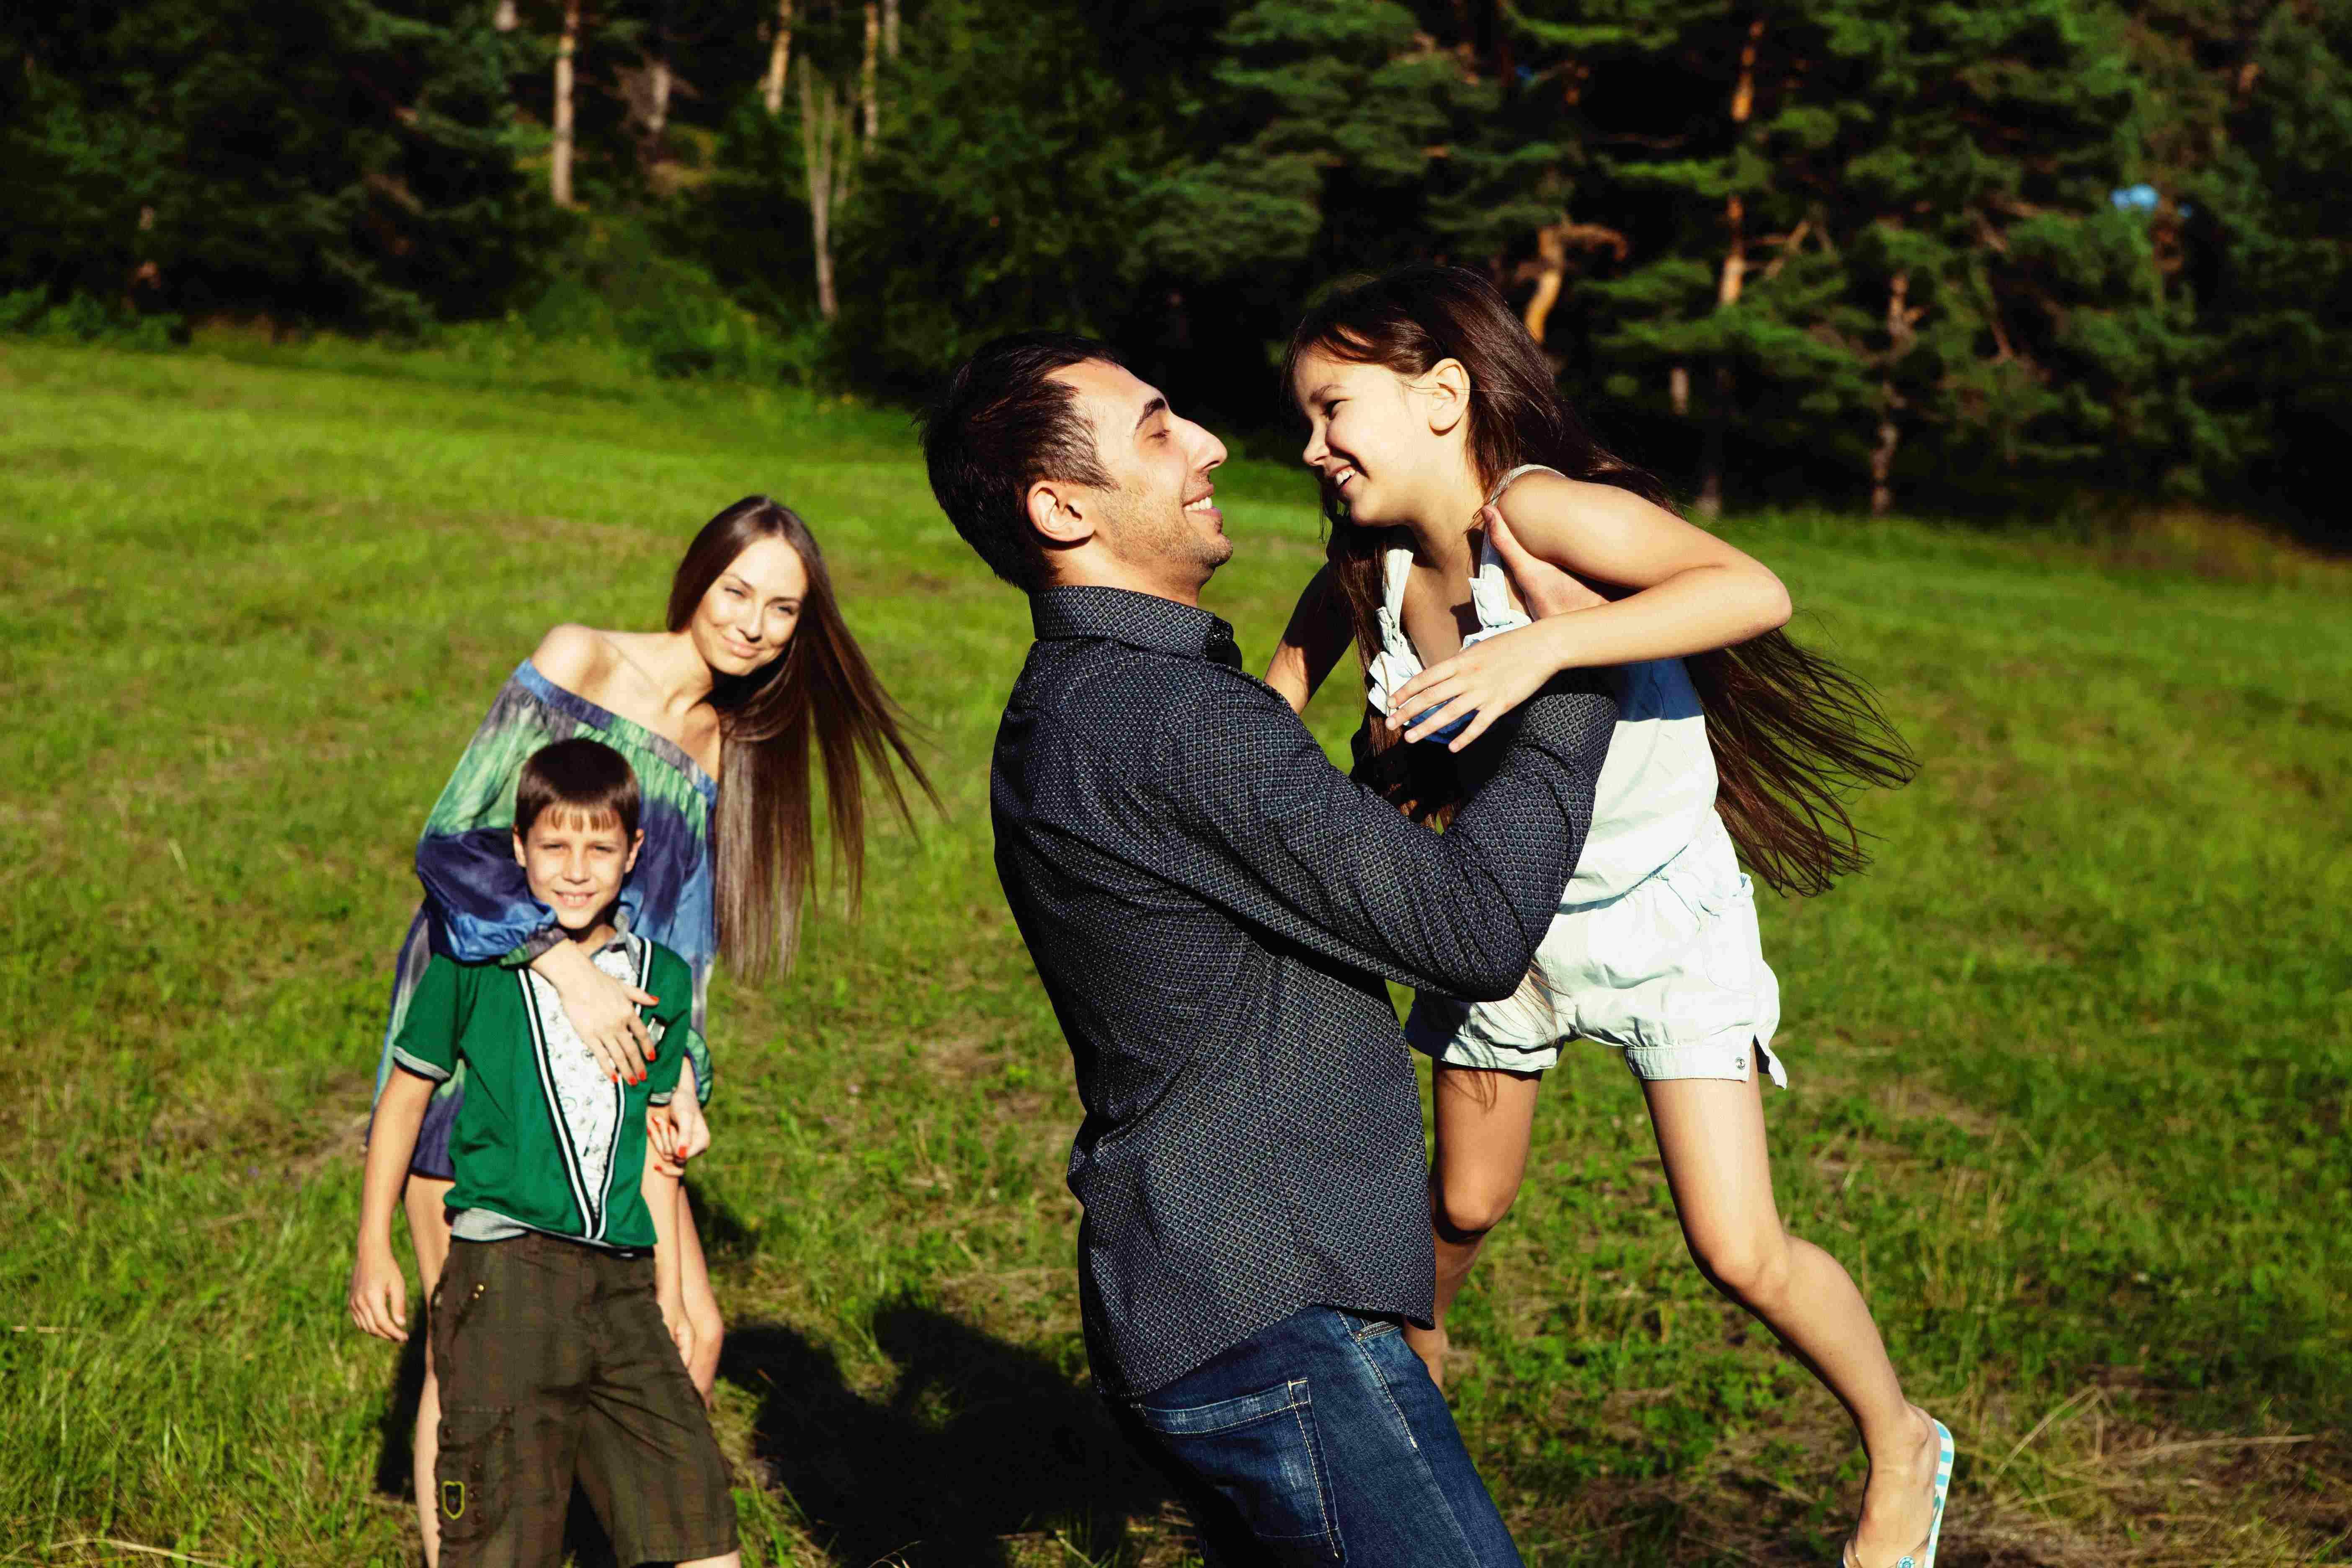 Отдых с детьми: приятное с полезным